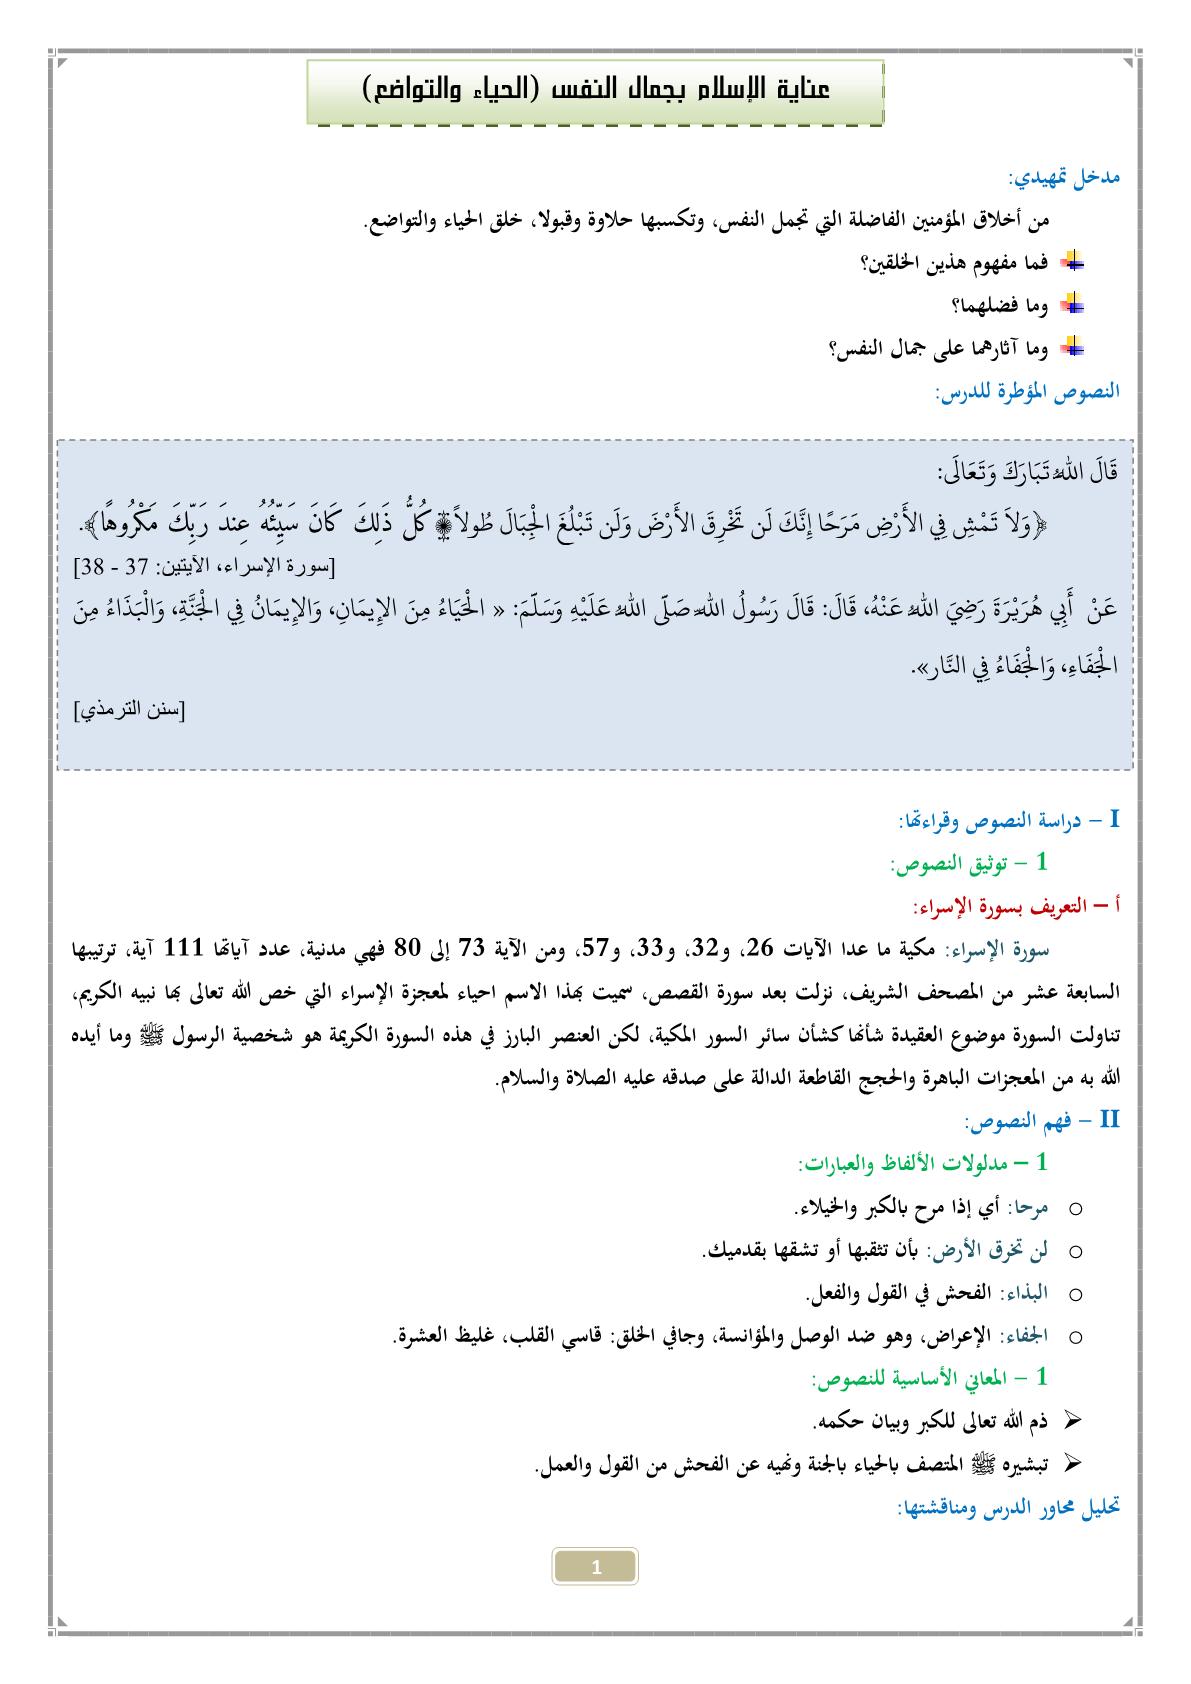 درس عناية الإسلام بجمال النفس الحياء والتواضع للمستوى الثالثة إعدادي